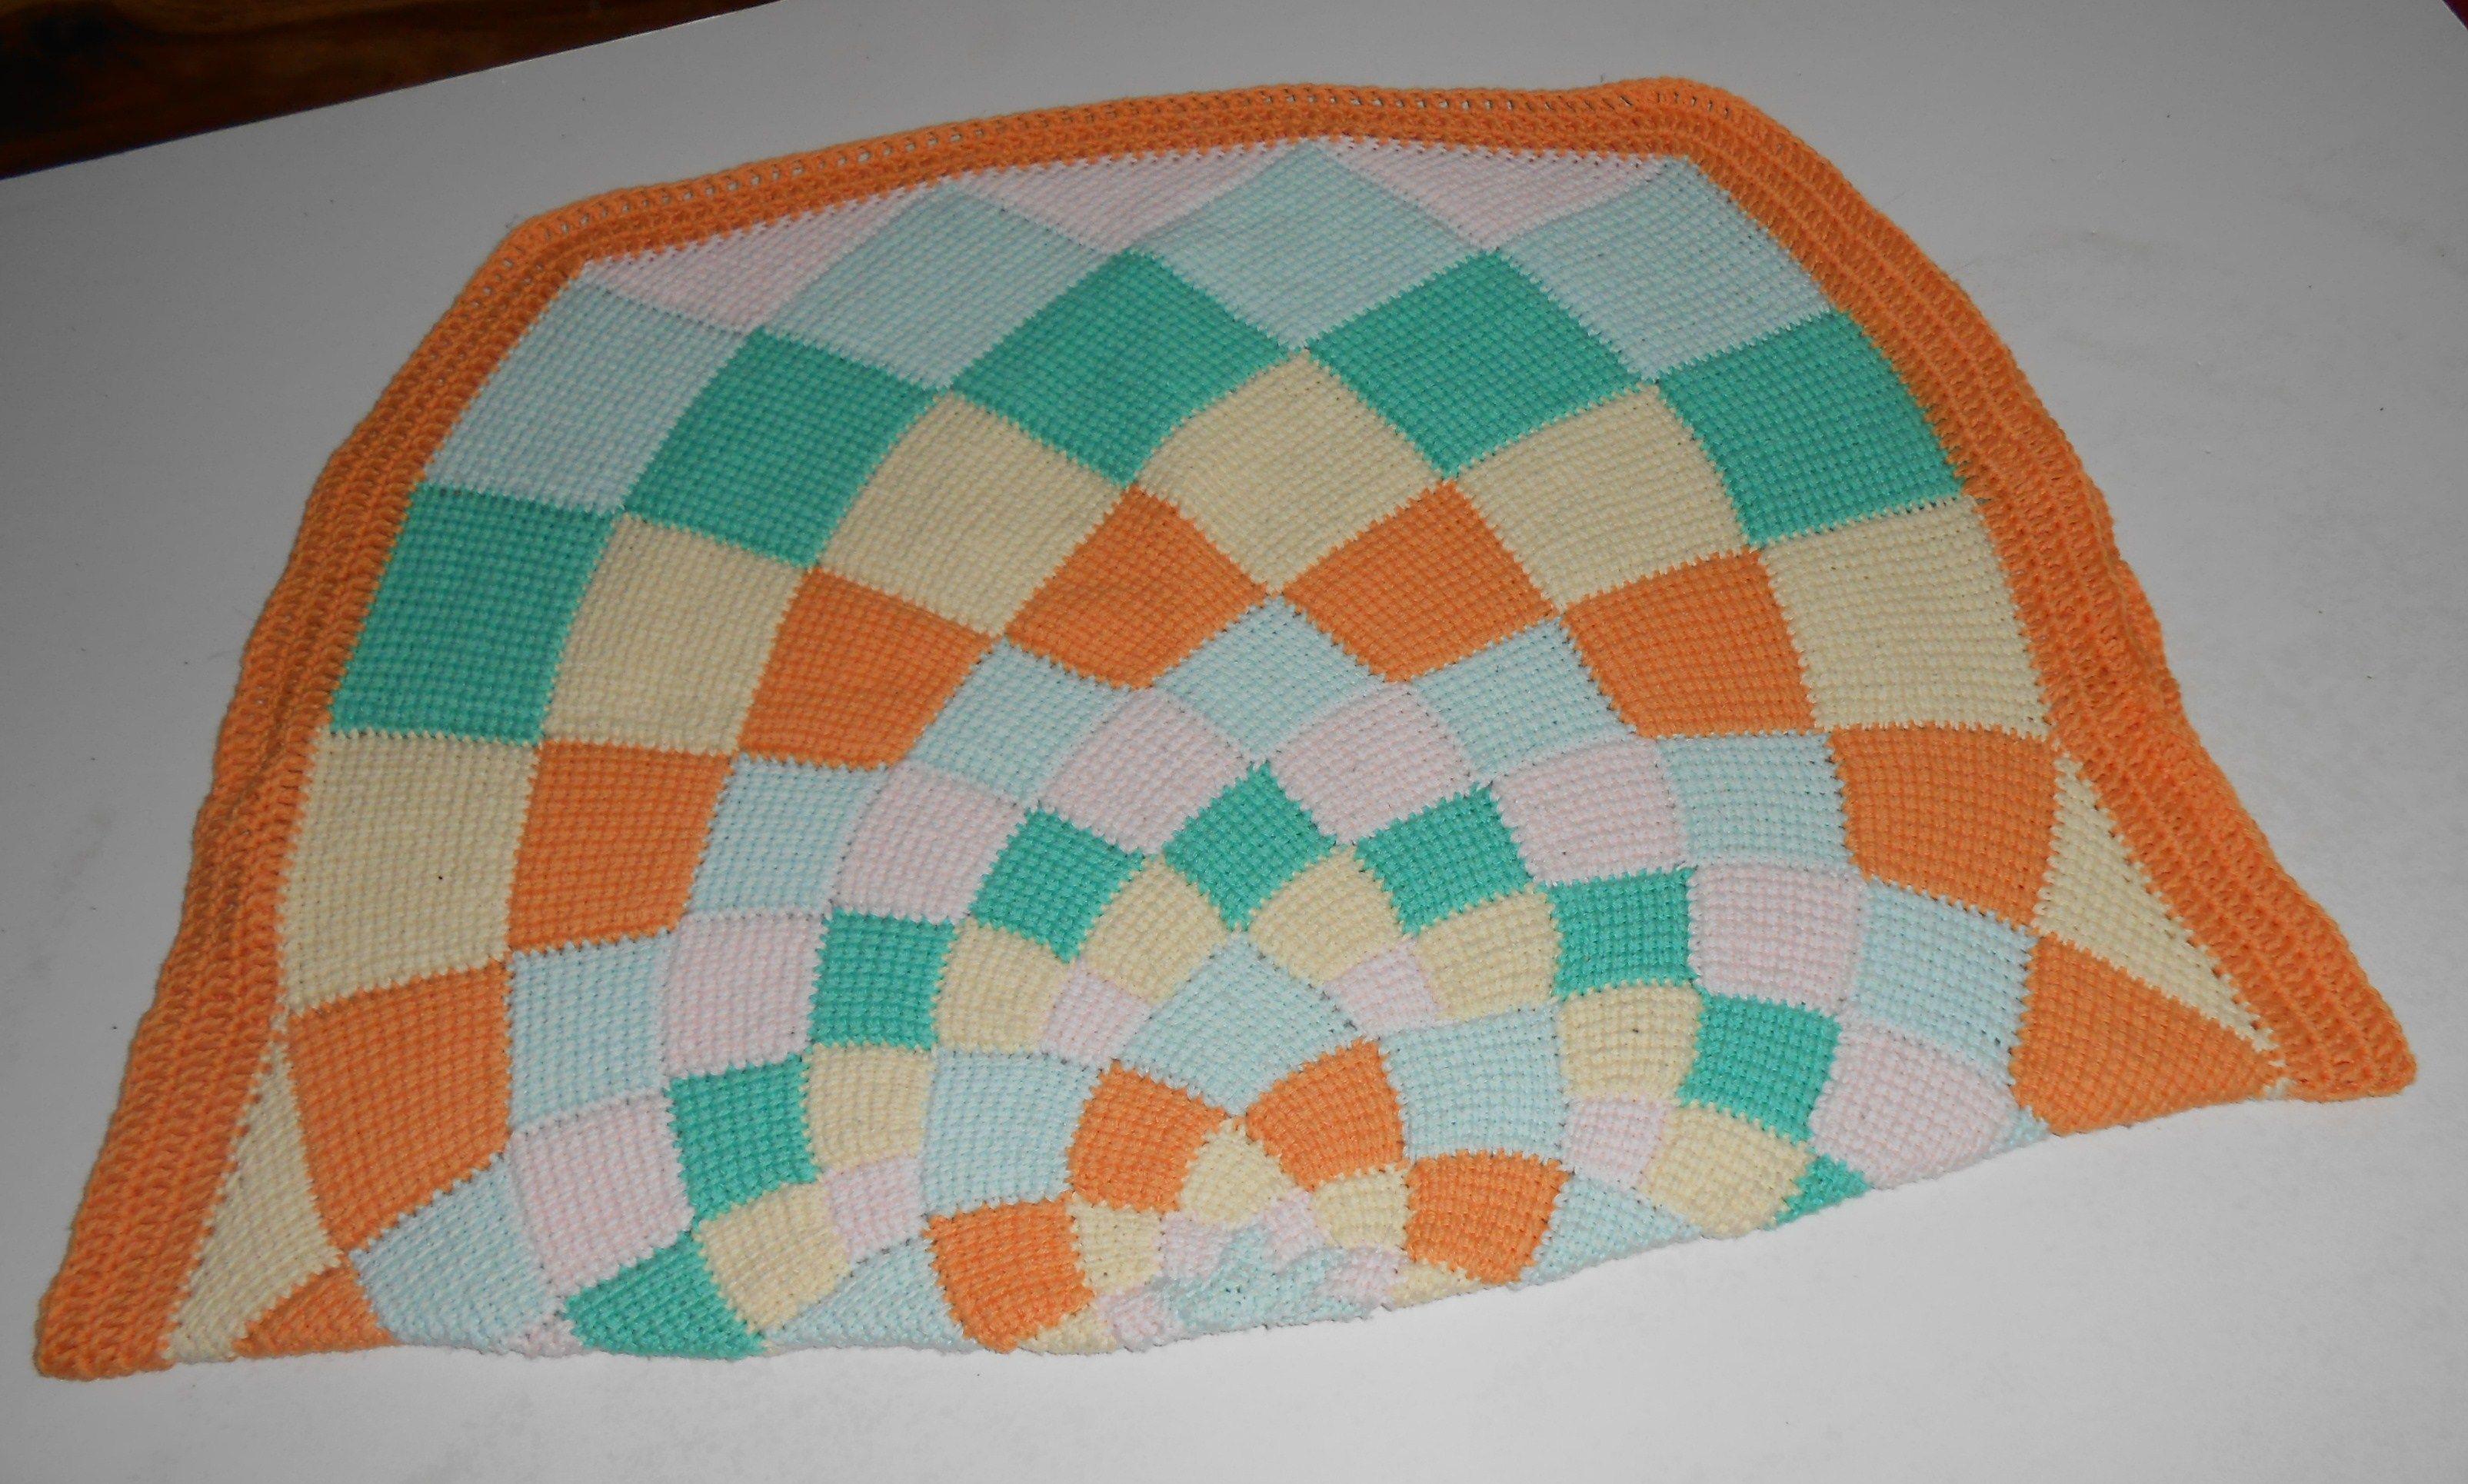 Fantastic Häkeln Qualle Muster Frei Inspiration - Decke Stricken ...